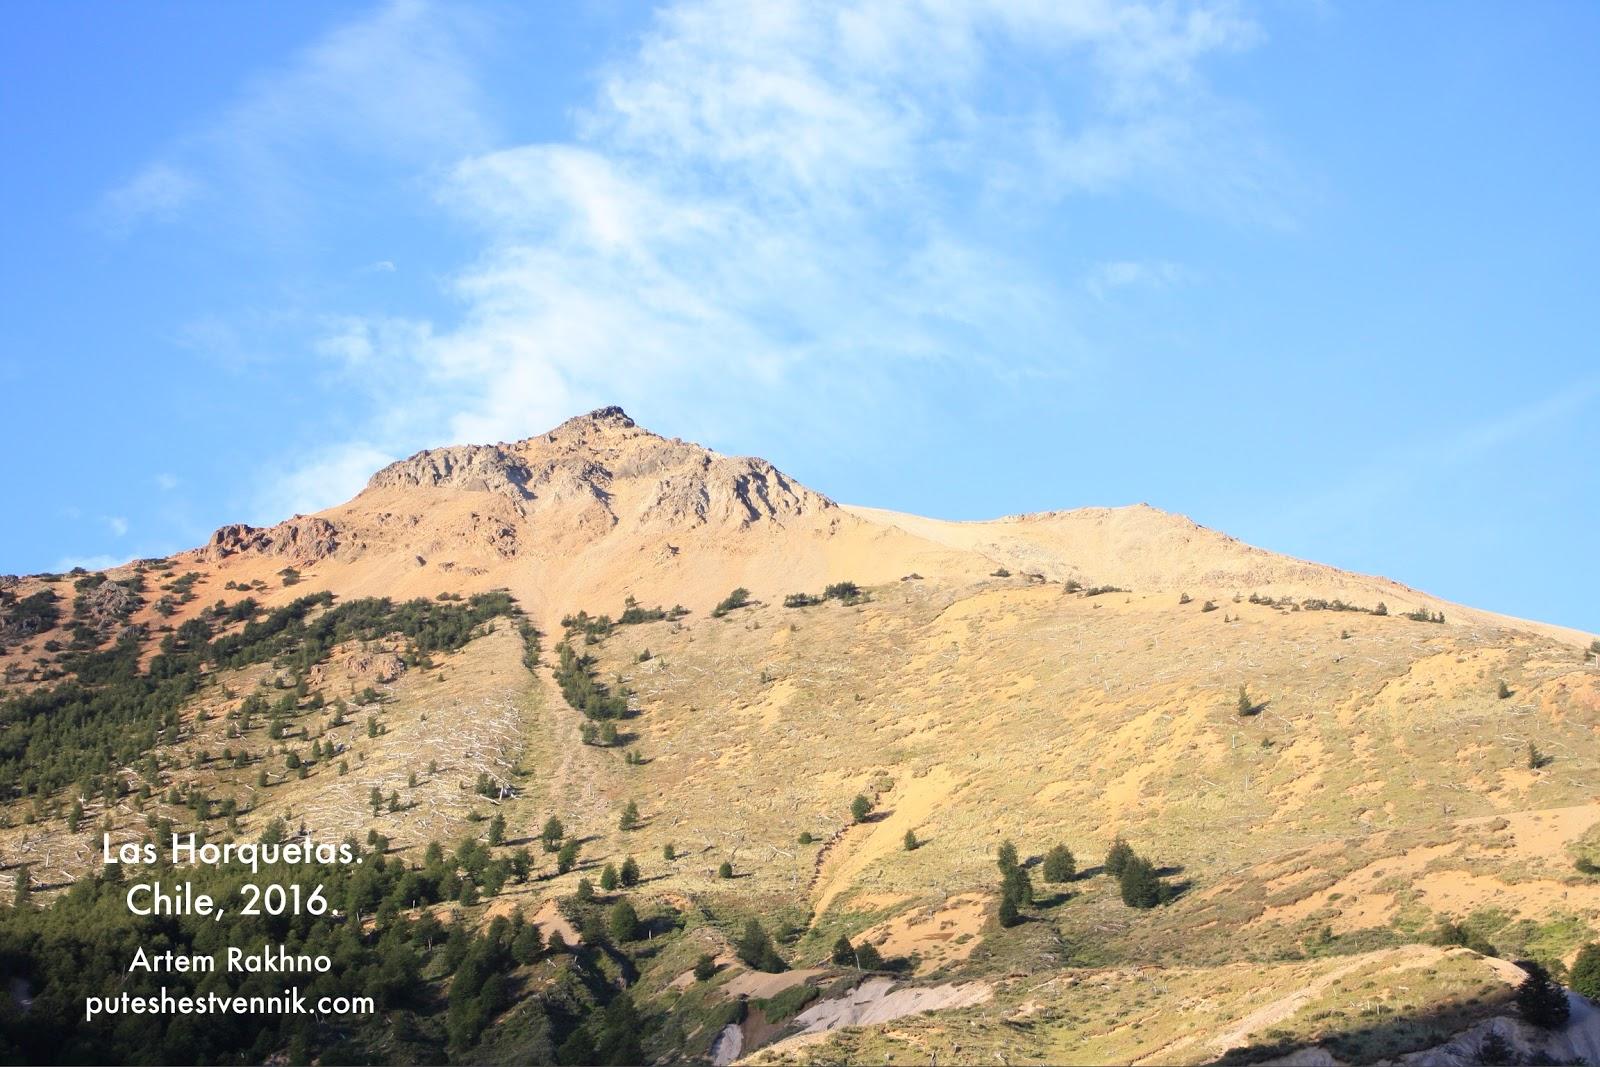 Склон горы в Чили